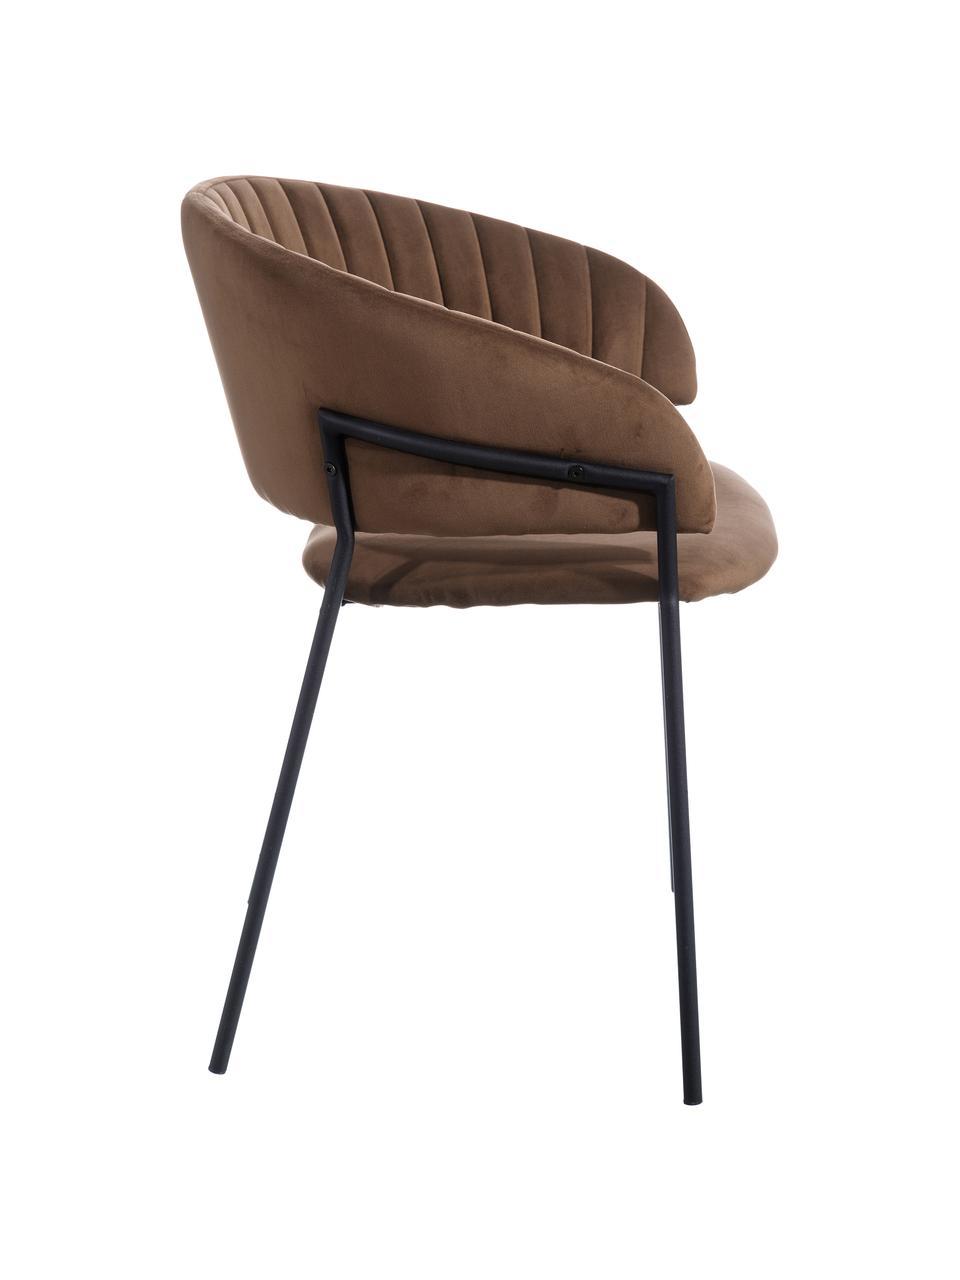 Krzesło tapicerowane z aksamitu Room, Tapicerka: 100% aksamit poliestrowy, Stelaż: metal powlekany, Brązowy, S 53 x G 58 cm